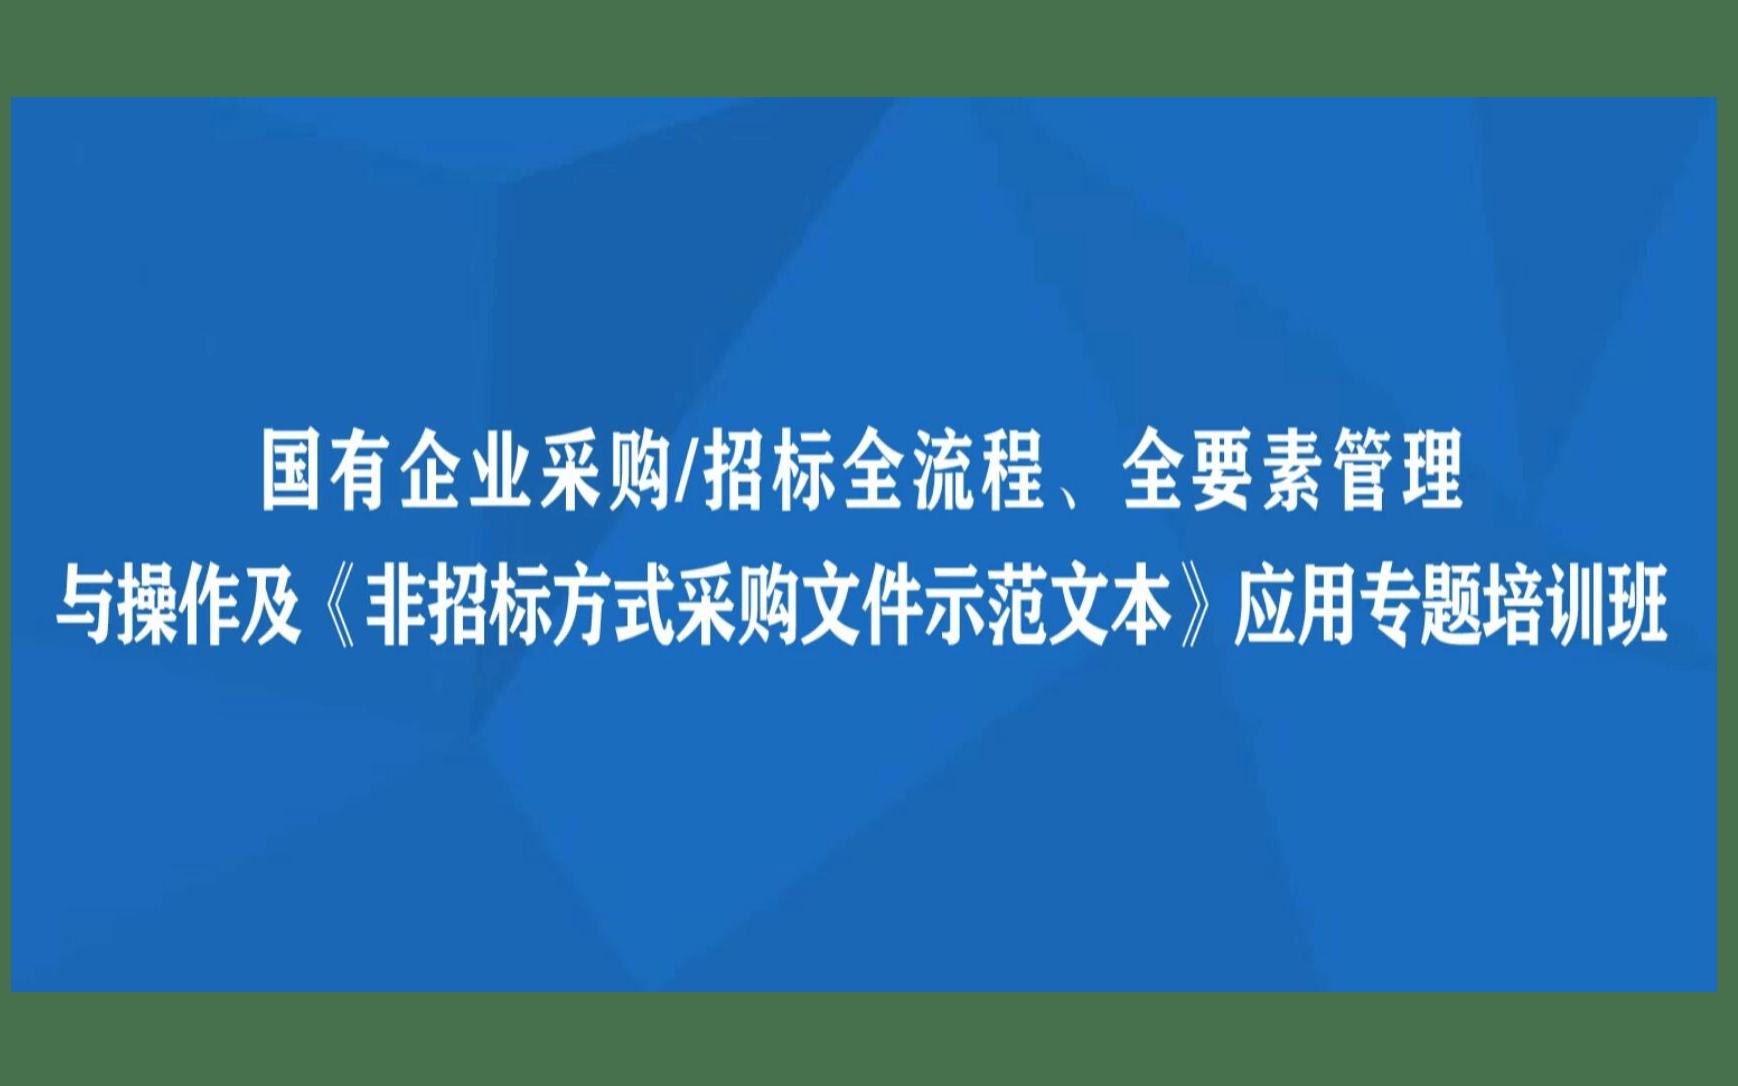 濟南培訓班課程:國有企業采購/招標全流程、全要素管理與操作及《非招標方式采購文件示范文本》應用專題培訓